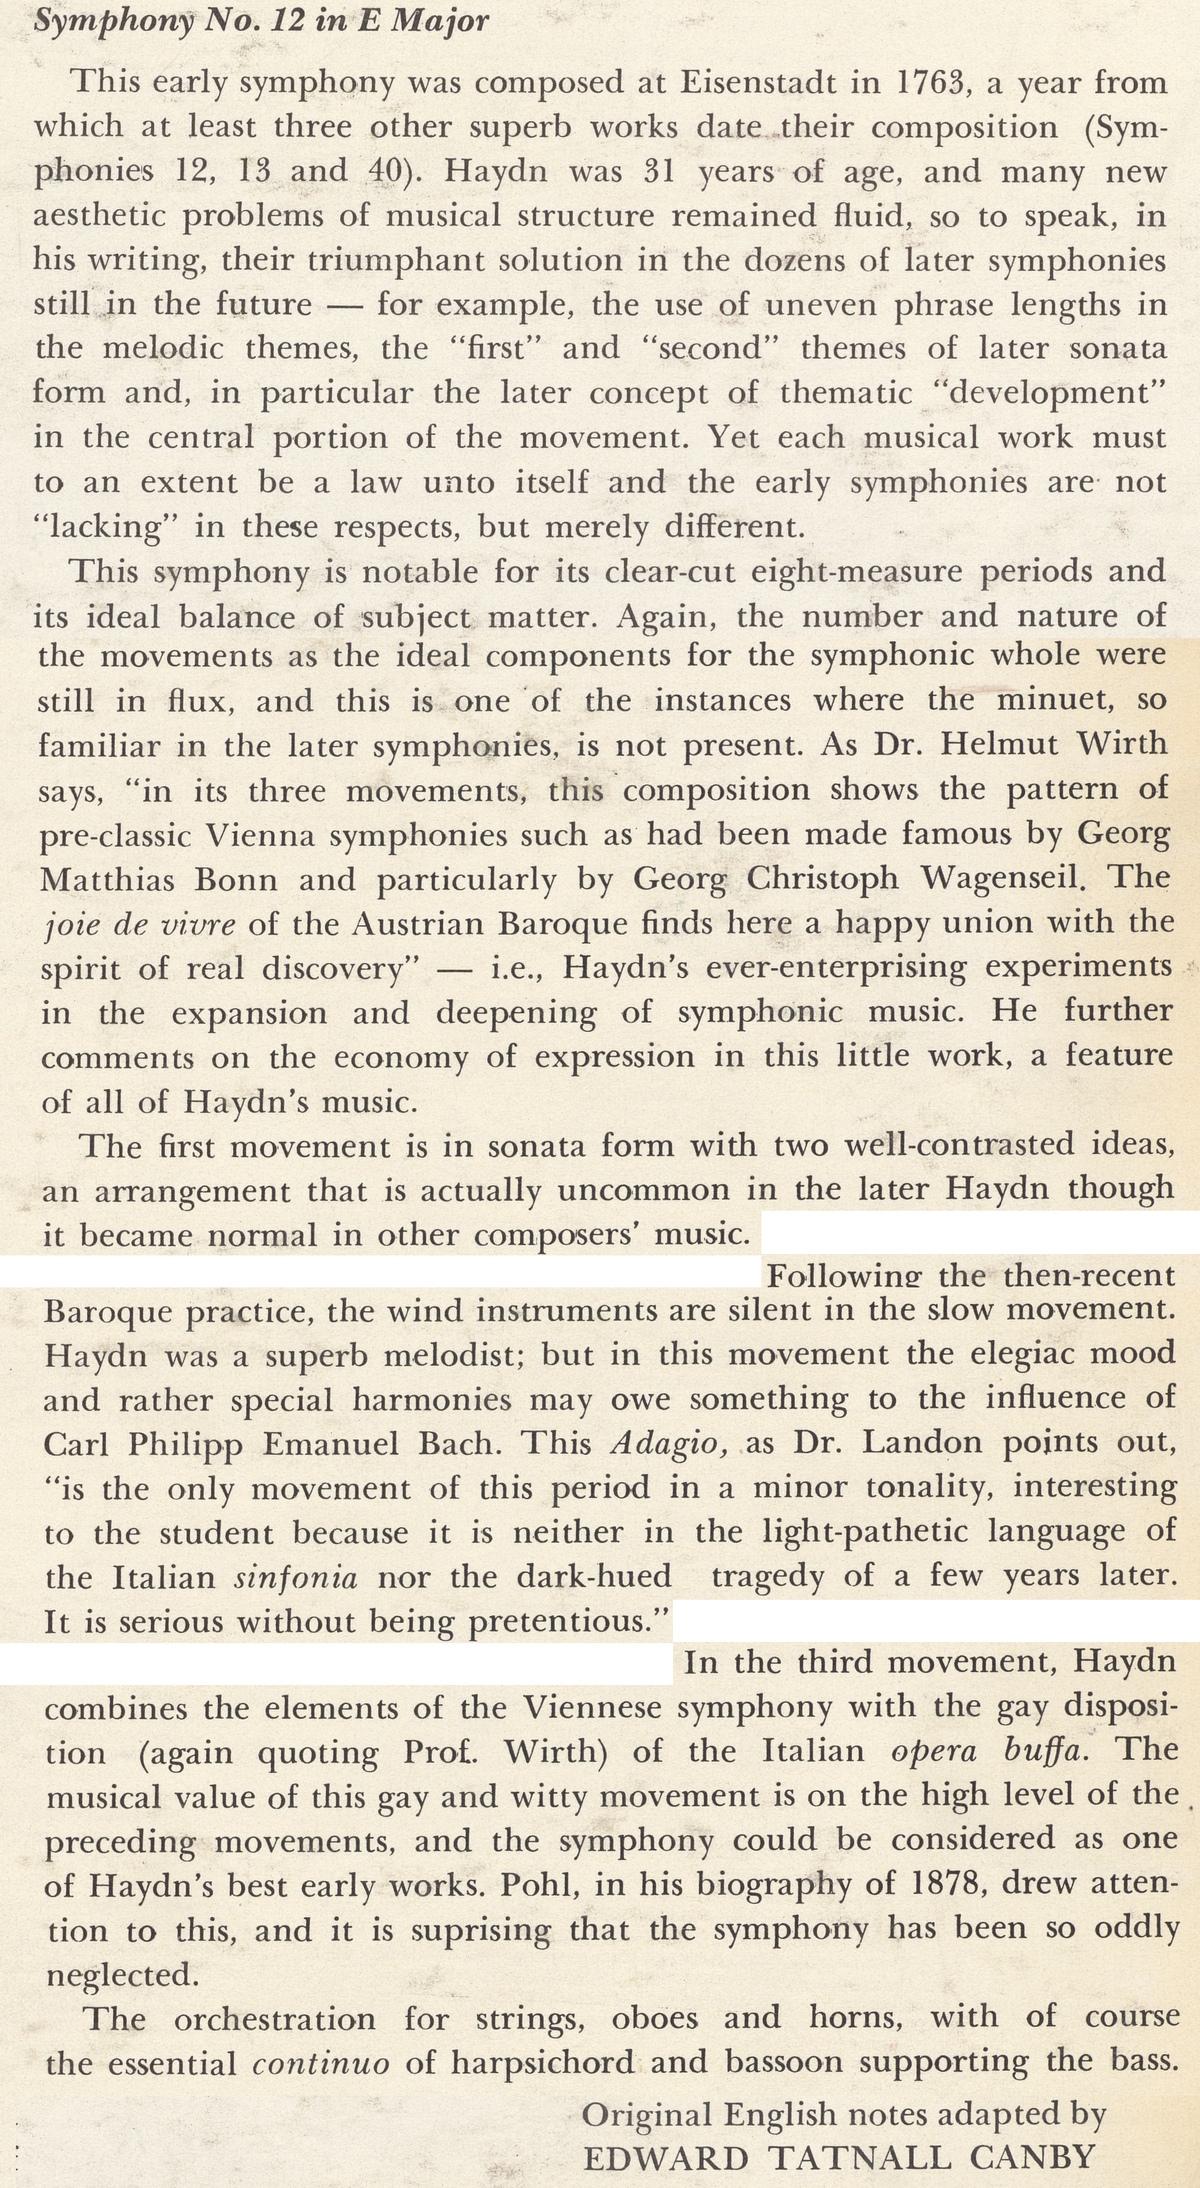 extrait des notes de Edward Tatnall Canby publiées au verso de la pochette du disque Nonesuch H 71083